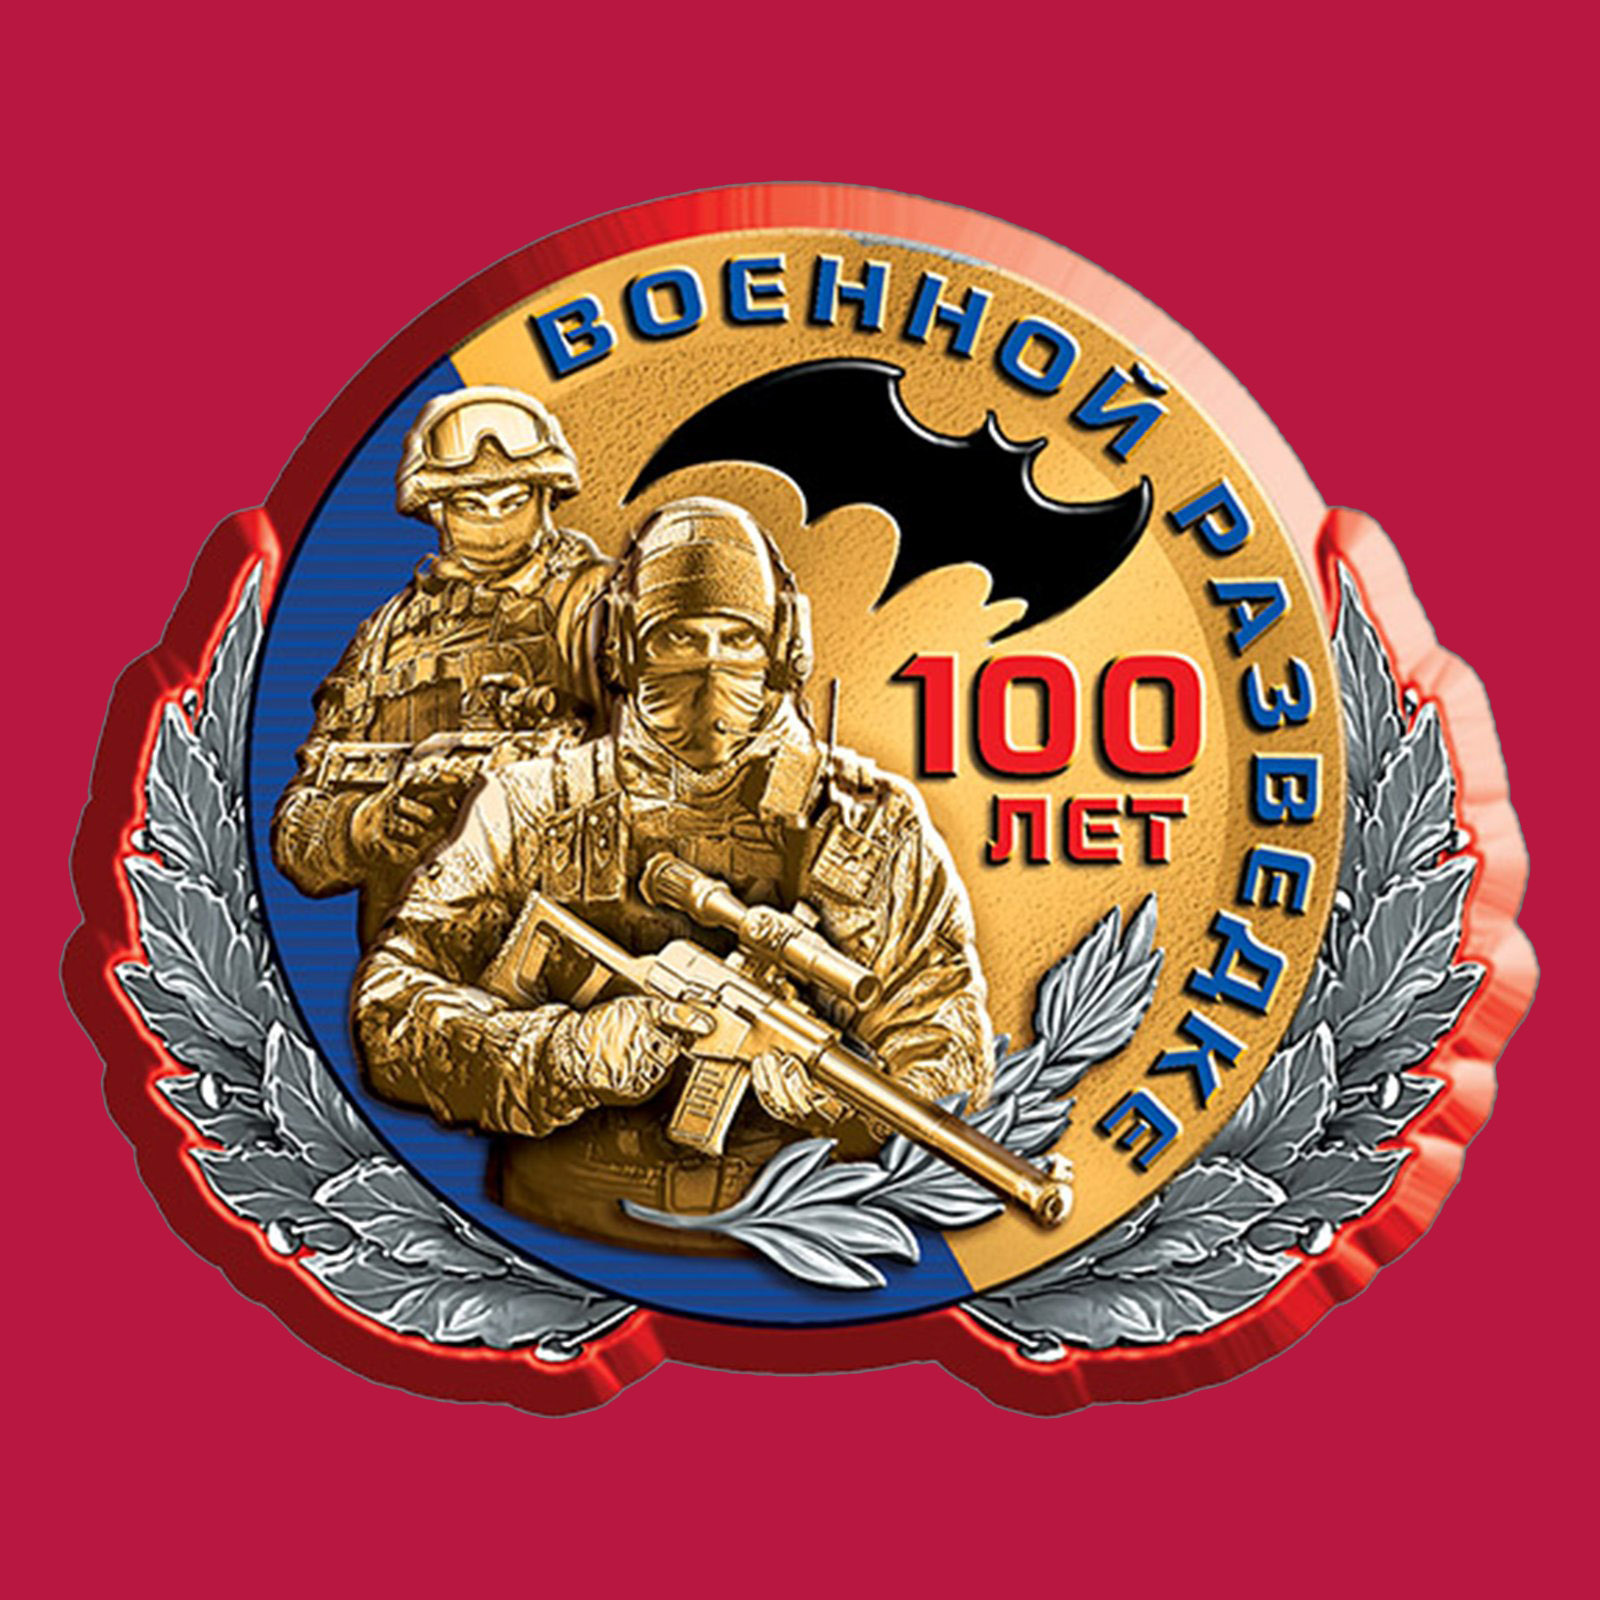 Купить сочную красную бейсболку с термотрансфером 100 лет Военной Разведке оптом выгодно